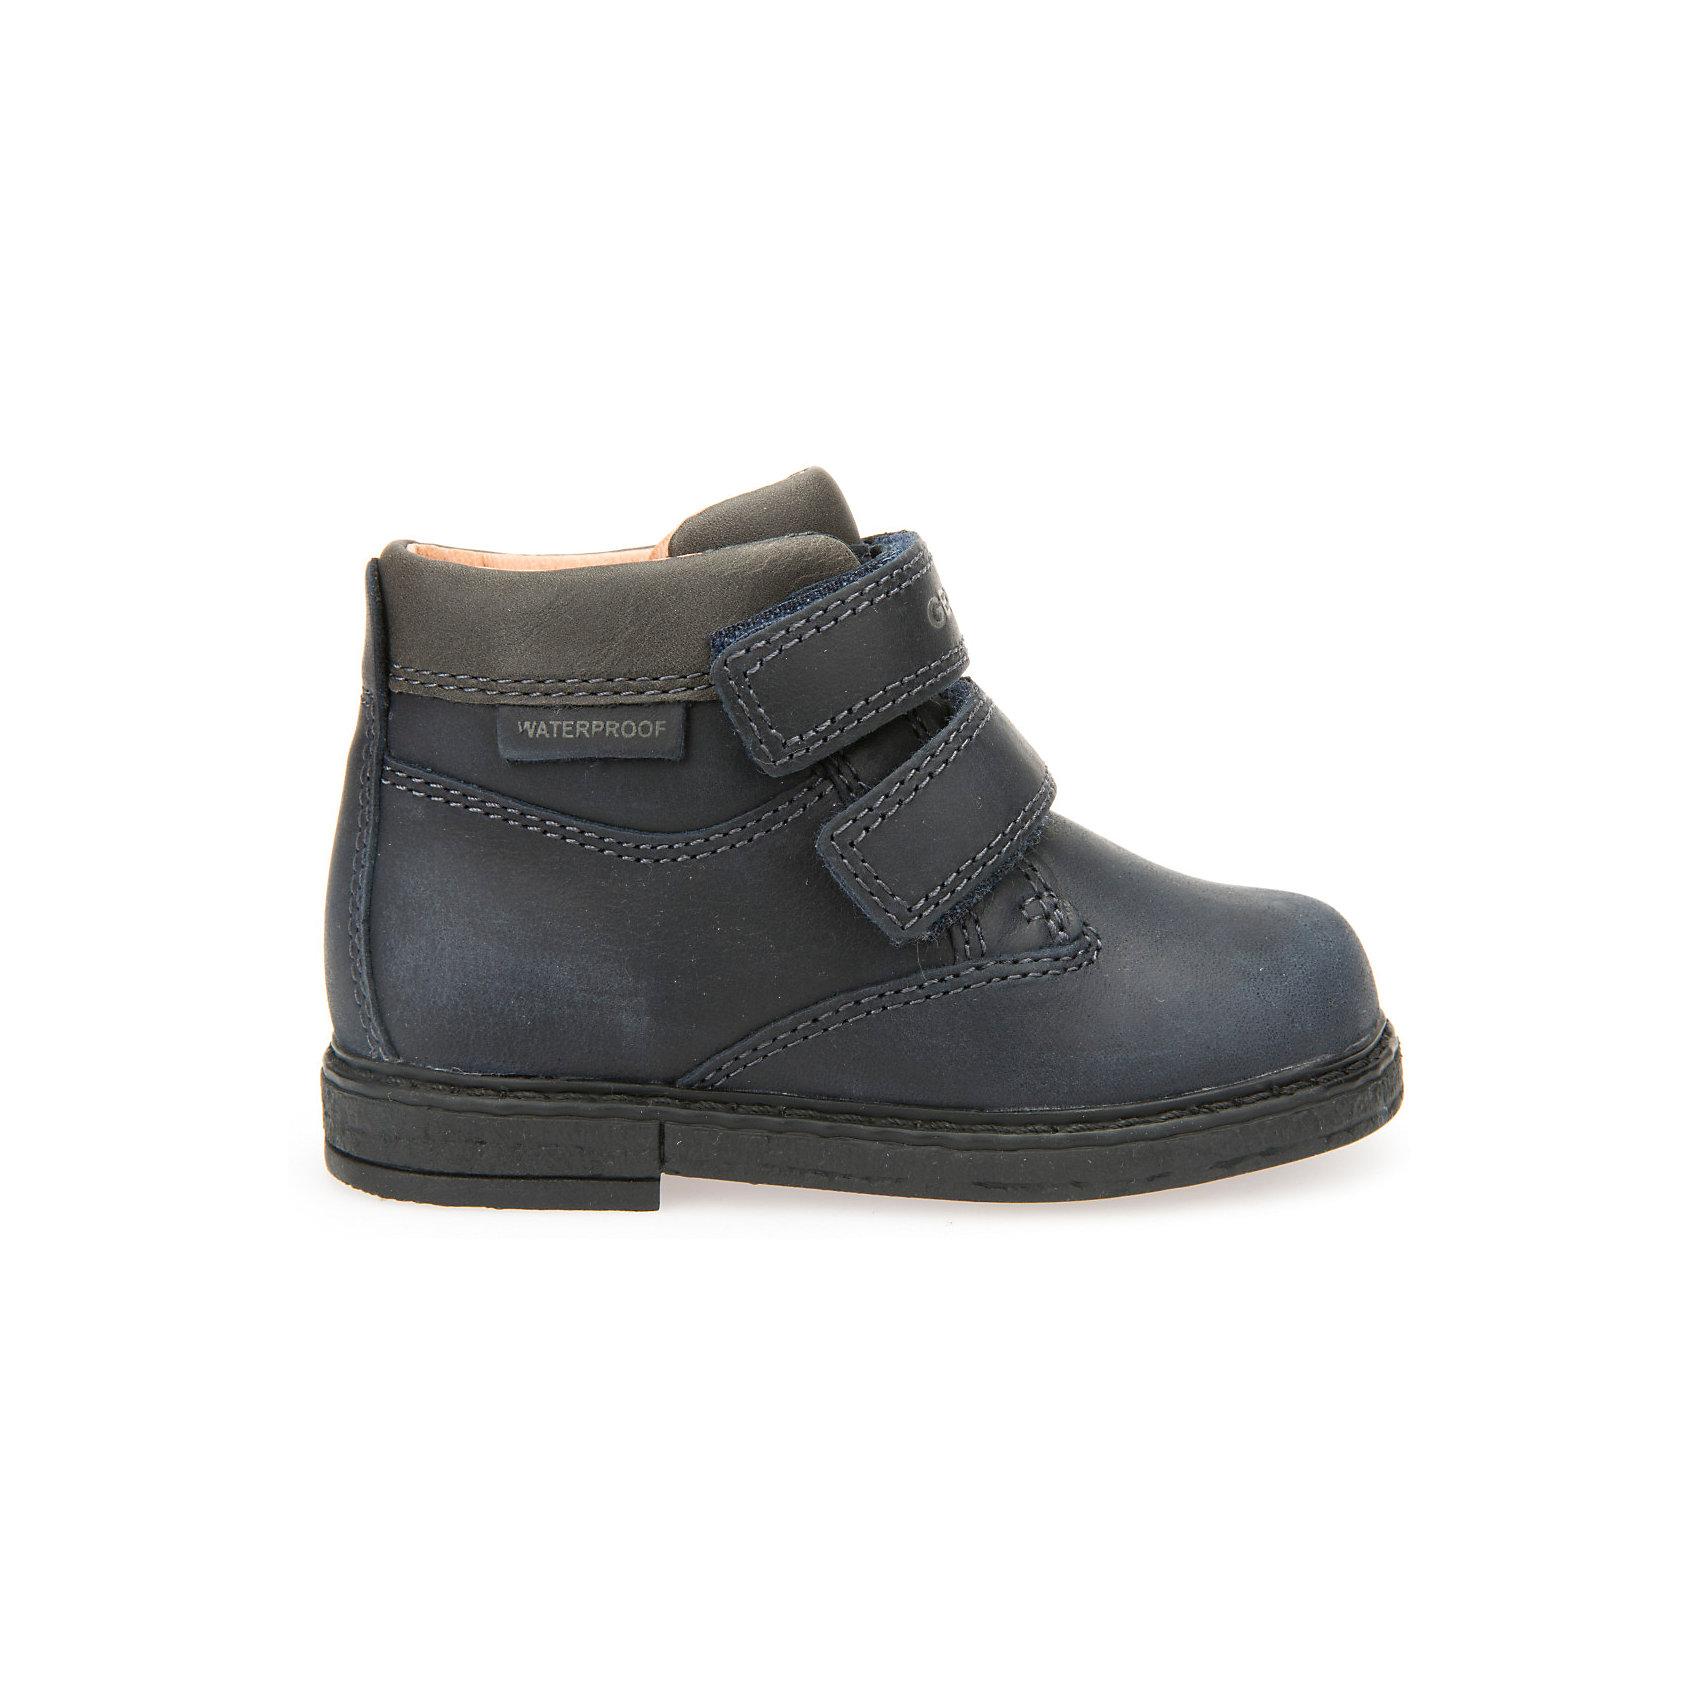 Ботинки для мальчика GEOXОбувь для малышей<br>Ботинки для мальчика GEOX (ГЕОКС)<br>Ботинки для мальчика от GEOX (ГЕОКС) выполнены из натуральной кожи. Внутренняя отделка и стелька из натуральной шерсти создают оптимальный микроклимат, который держит ноги теплыми и сухими, и позволяет им дышать естественно. Колодка соответствует анатомическим особенностям строения детской стопы. Запатентованная гибкая перфорированная подошва со специальной микропористой мембраной обеспечивает естественное дыхание обуви, не пропускает воду. Застежка: липучки.<br><br>Дополнительная информация:<br><br>- Сезон: демисезон<br>- Цвет: черный<br>- Материал верха: натуральная кожа<br>- Внутренний материал: натуральная шерсть<br>- Материал стельки: натуральная шерсть<br>- Материал подошвы: полимер<br>- Тип застежки: липучки<br>- Материалы и продукция прошли специальную проверку T?V S?D, на отсутствие веществ, опасных для здоровья покупателей<br><br>Полусапоги GEOX (ГЕОКС) можно купить в нашем интернет-магазине.<br><br>Ширина мм: 257<br>Глубина мм: 180<br>Высота мм: 130<br>Вес г: 420<br>Цвет: синий<br>Возраст от месяцев: 21<br>Возраст до месяцев: 24<br>Пол: Мужской<br>Возраст: Детский<br>Размер: 24,27,23,25,26<br>SKU: 4968236